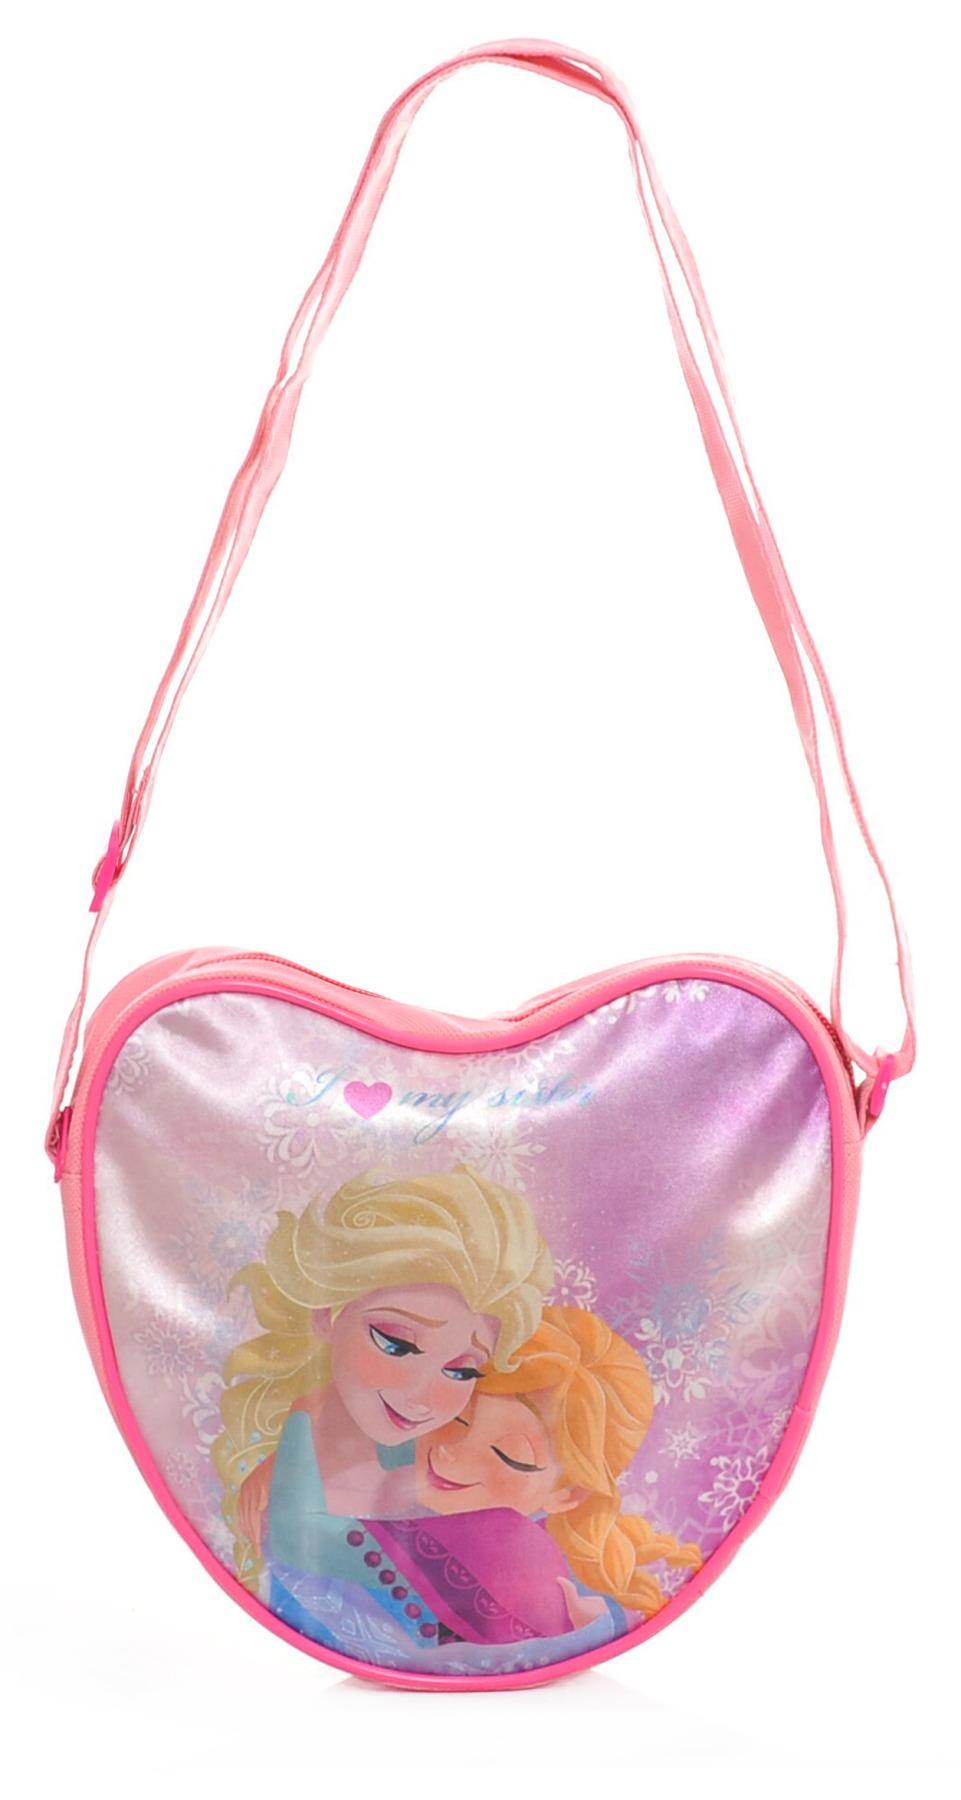 Сумка дитяча Disney Cartoon купити недорого в магазині Копійочка 7519fe6ba0111